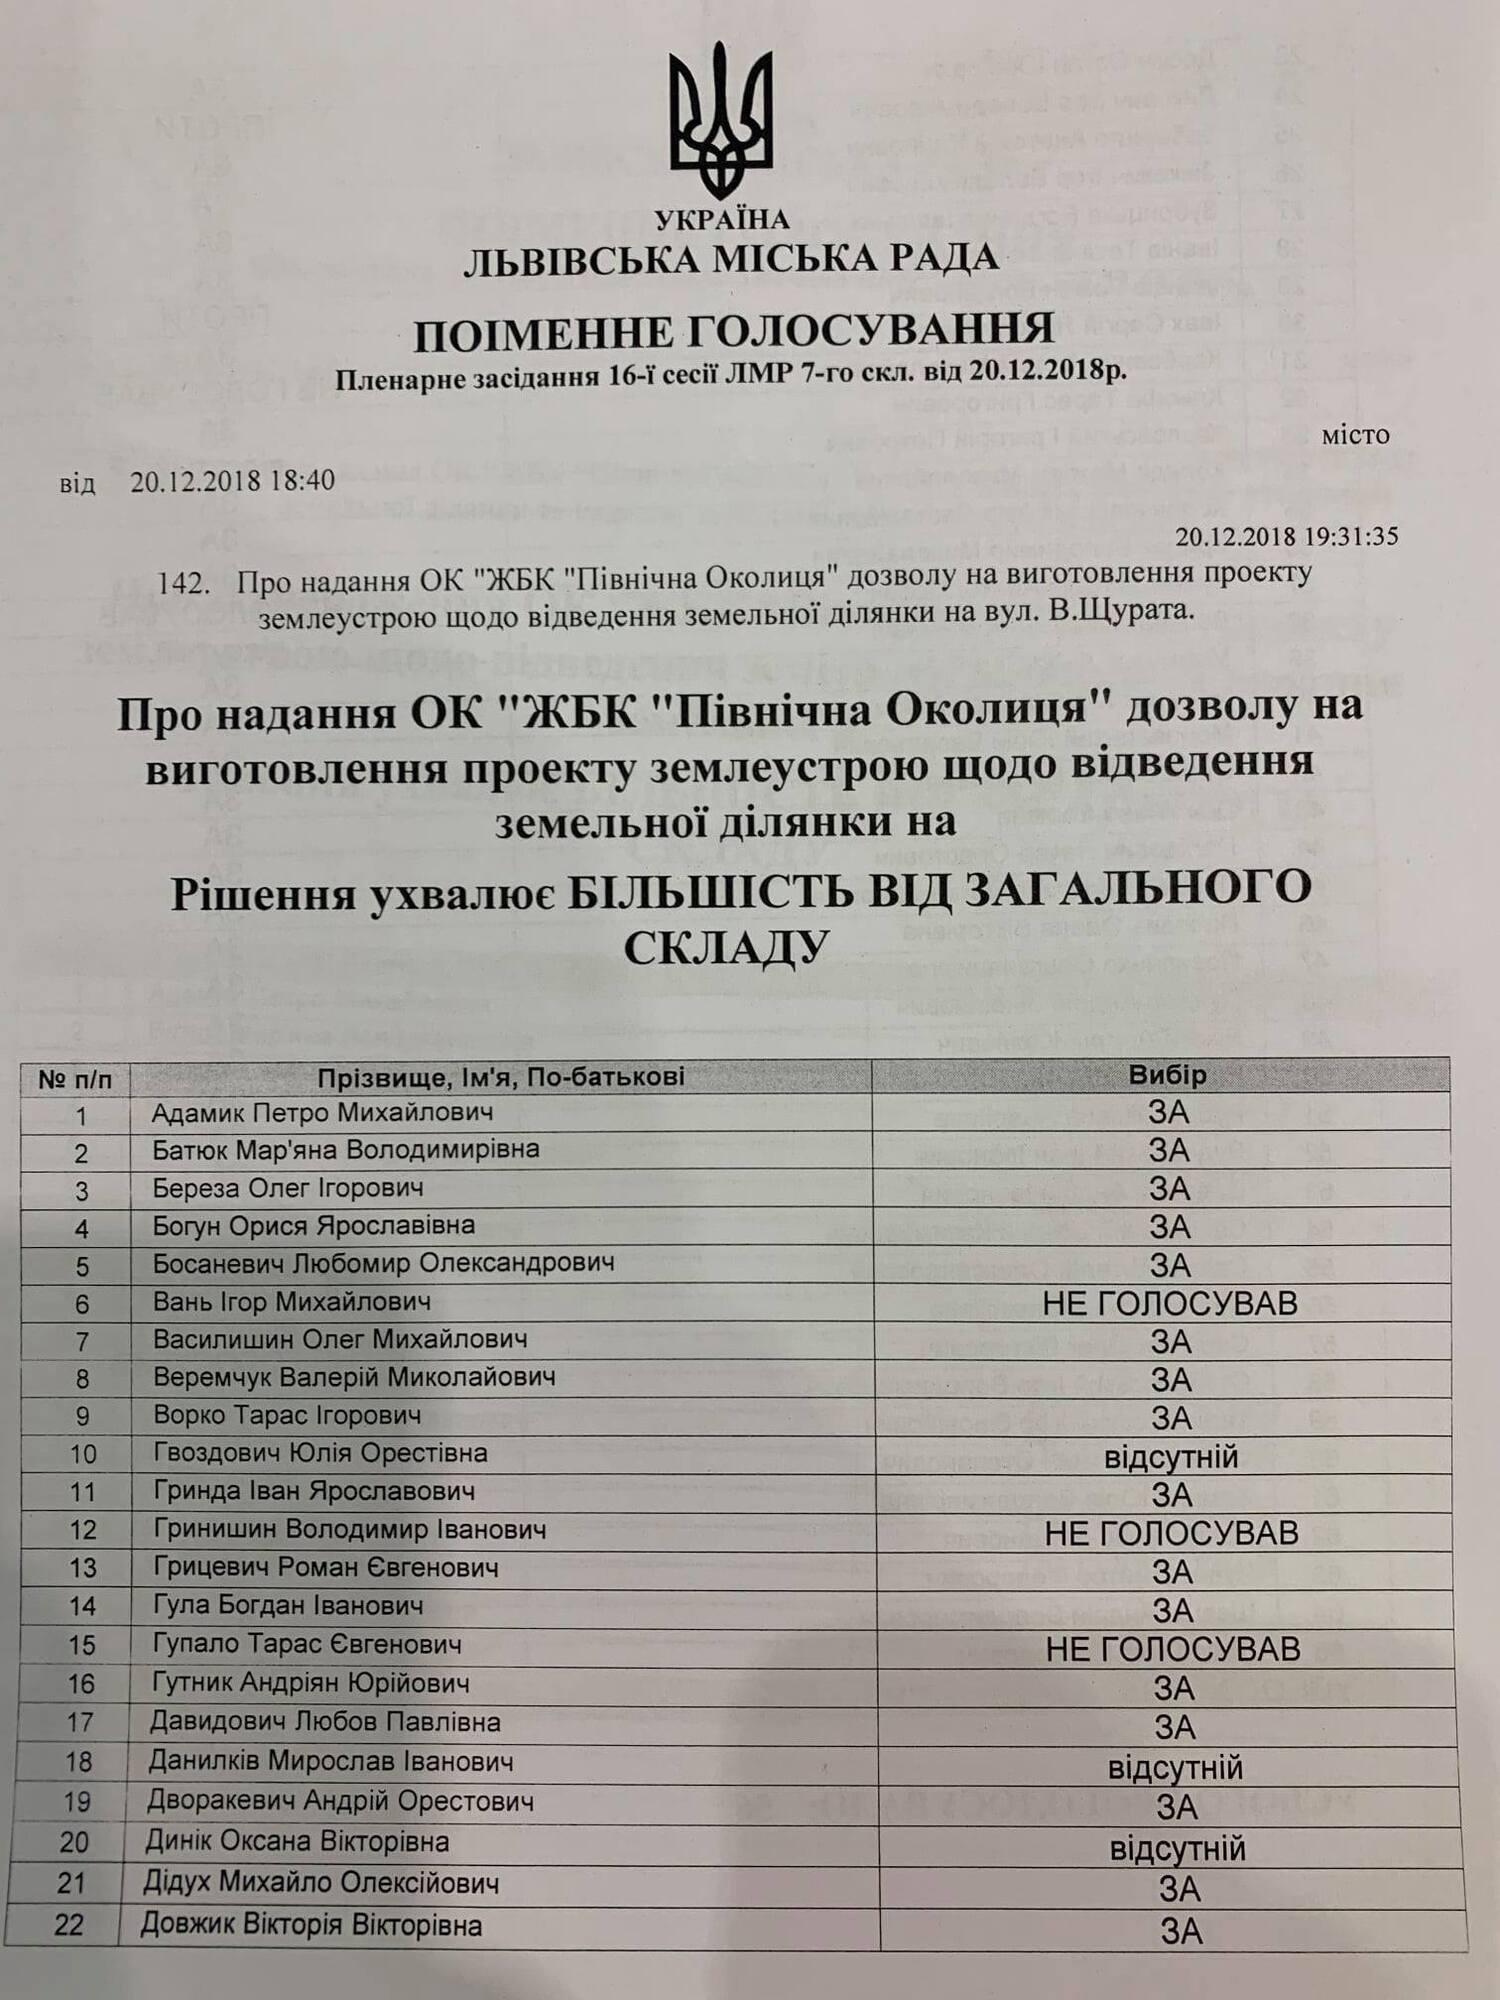 """Застройка """"Північної околиці"""" во Львове: ждем реального исполнения условий меморандума!"""